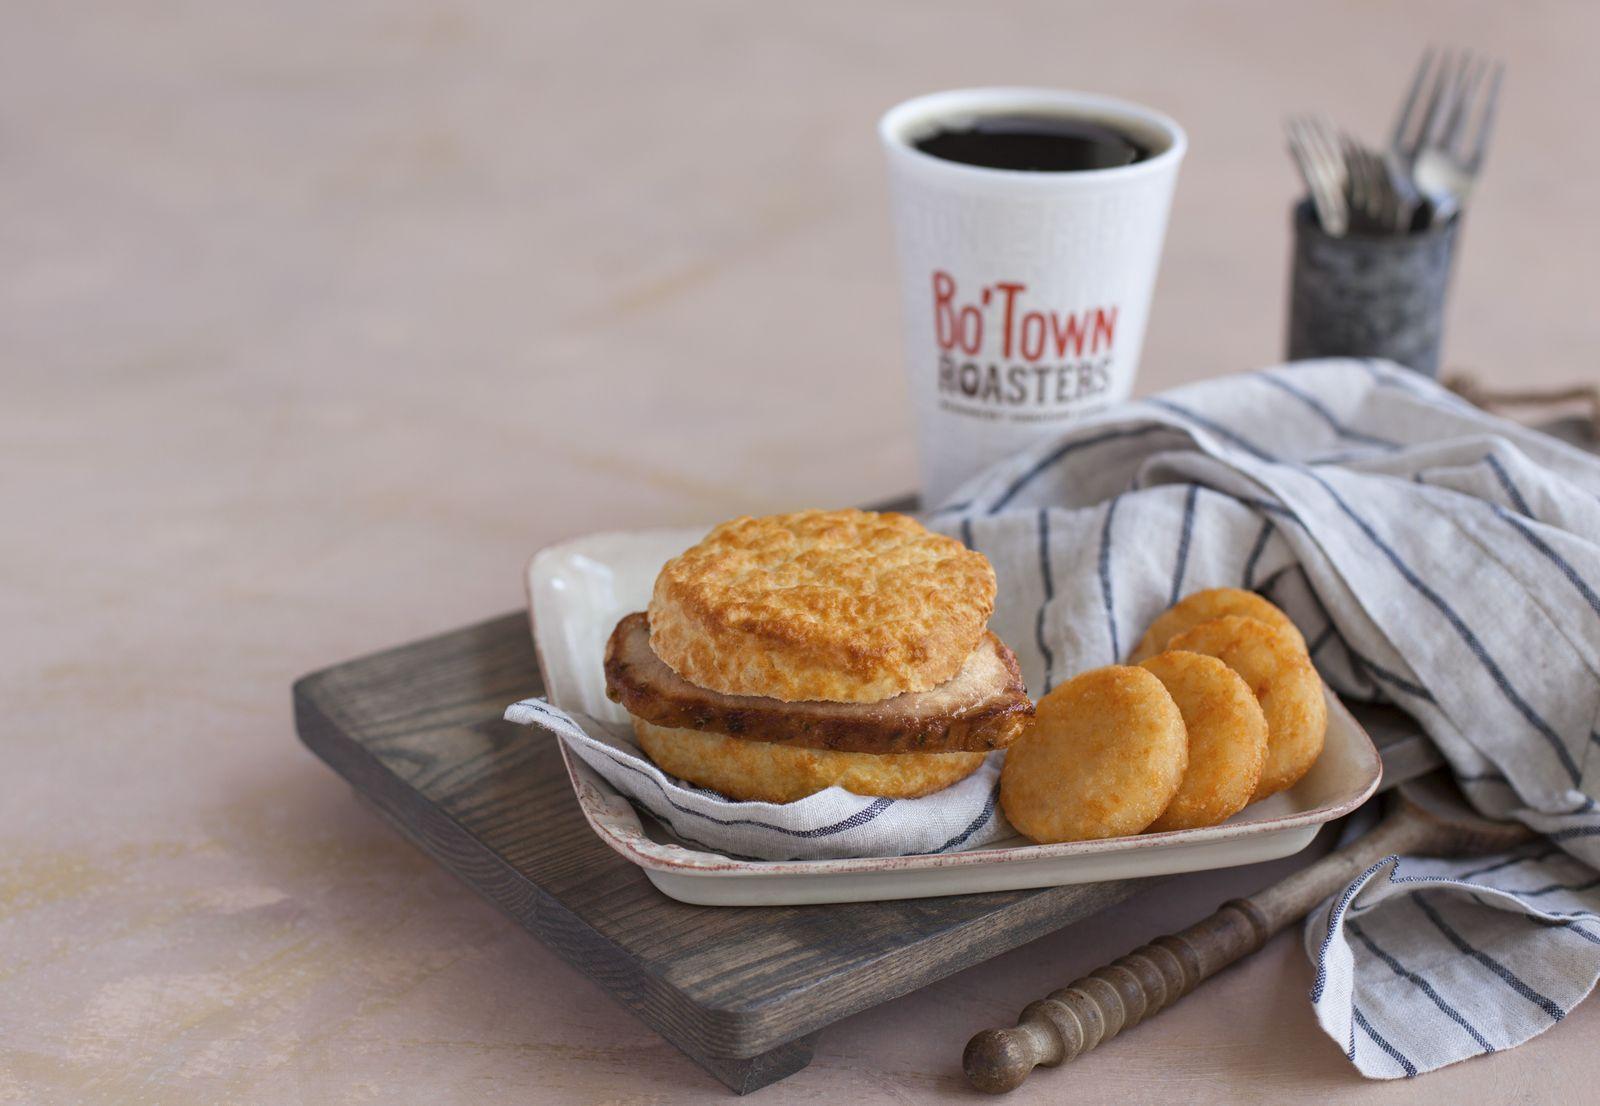 Grab the Griller! Bojangles' Pork Chop Griller Biscuit Returns for a Limited Time